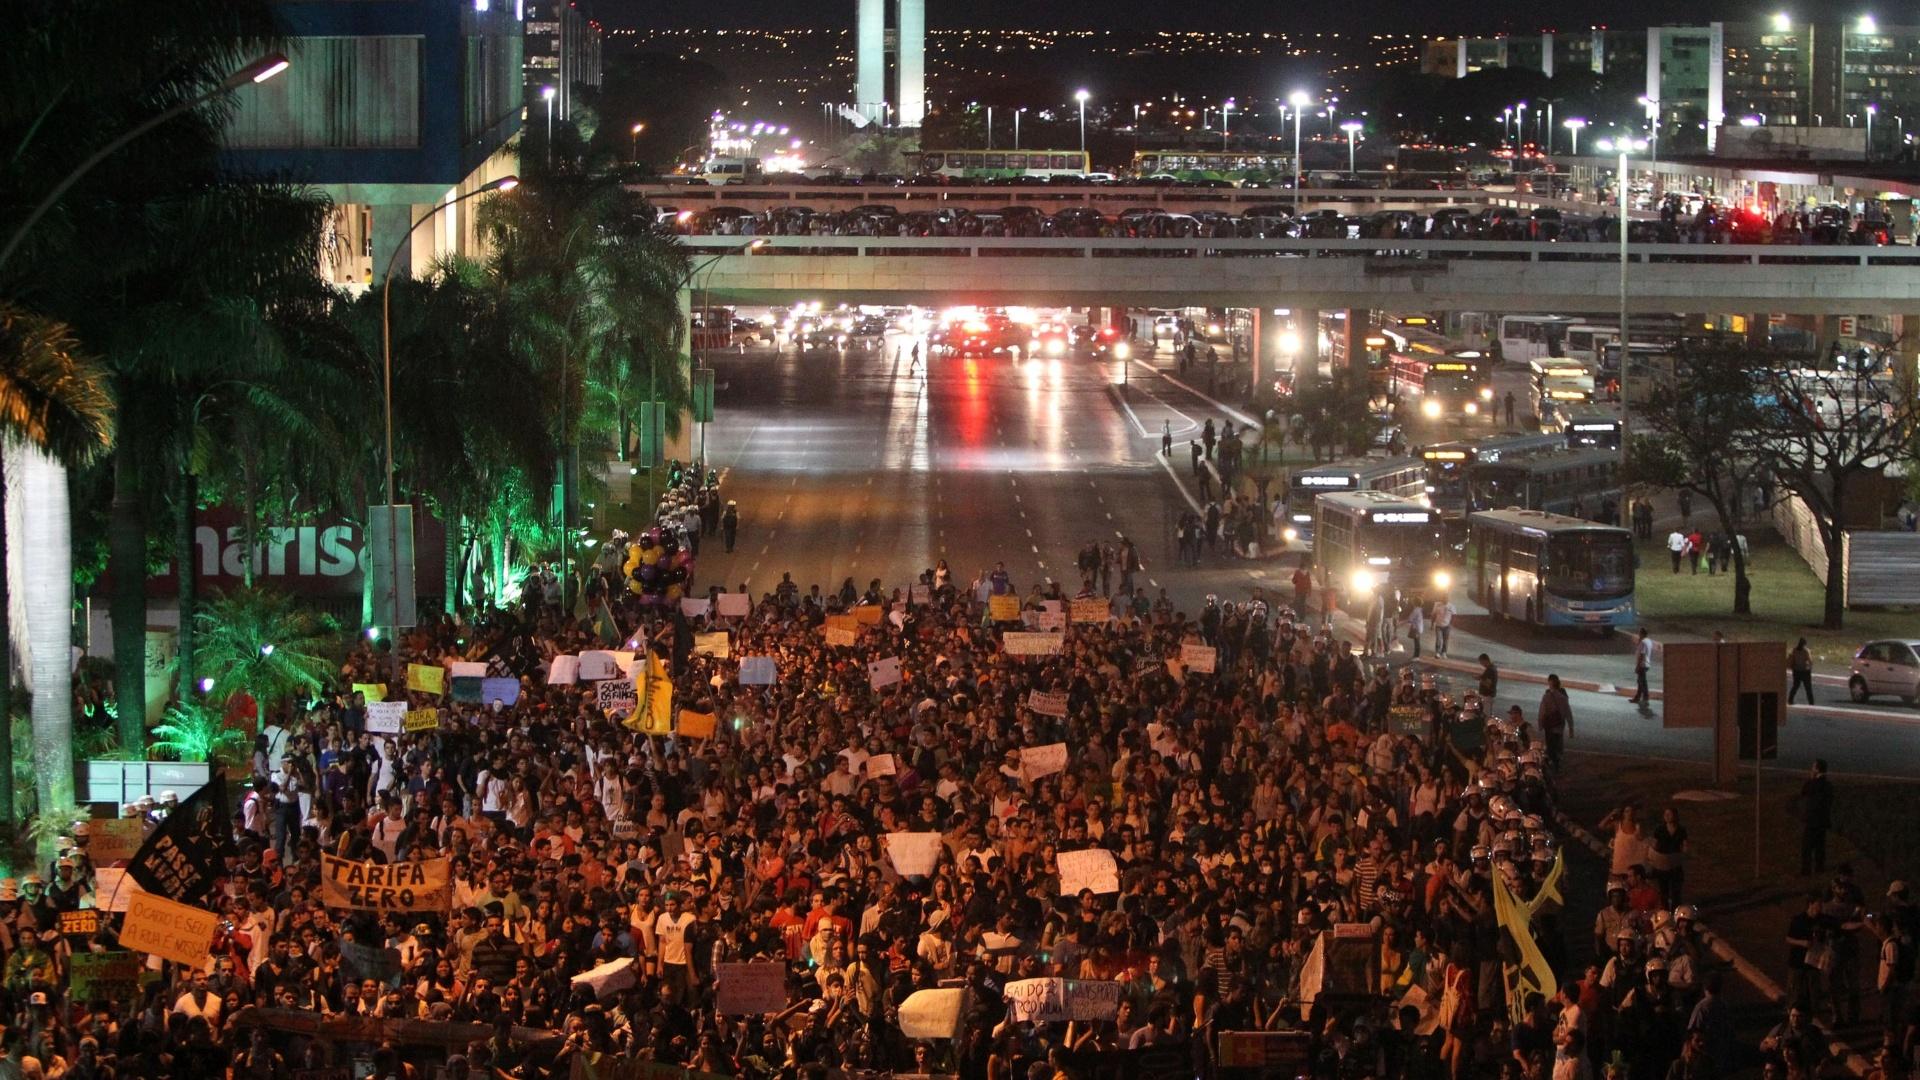 http://imguol.com/c/noticias/2013/06/19/19jun2013---manifestantes-fazem-protesto-em-brasilia-pela-tarifa-zero-no-transporte-publico-milhares-de-manifestantes-se-reuniram-na-rodoviaria-da-cidade-e-depois-seguiram-pelas-ruas-ate-o-congresso-1371692573866_1920x1080.jpg